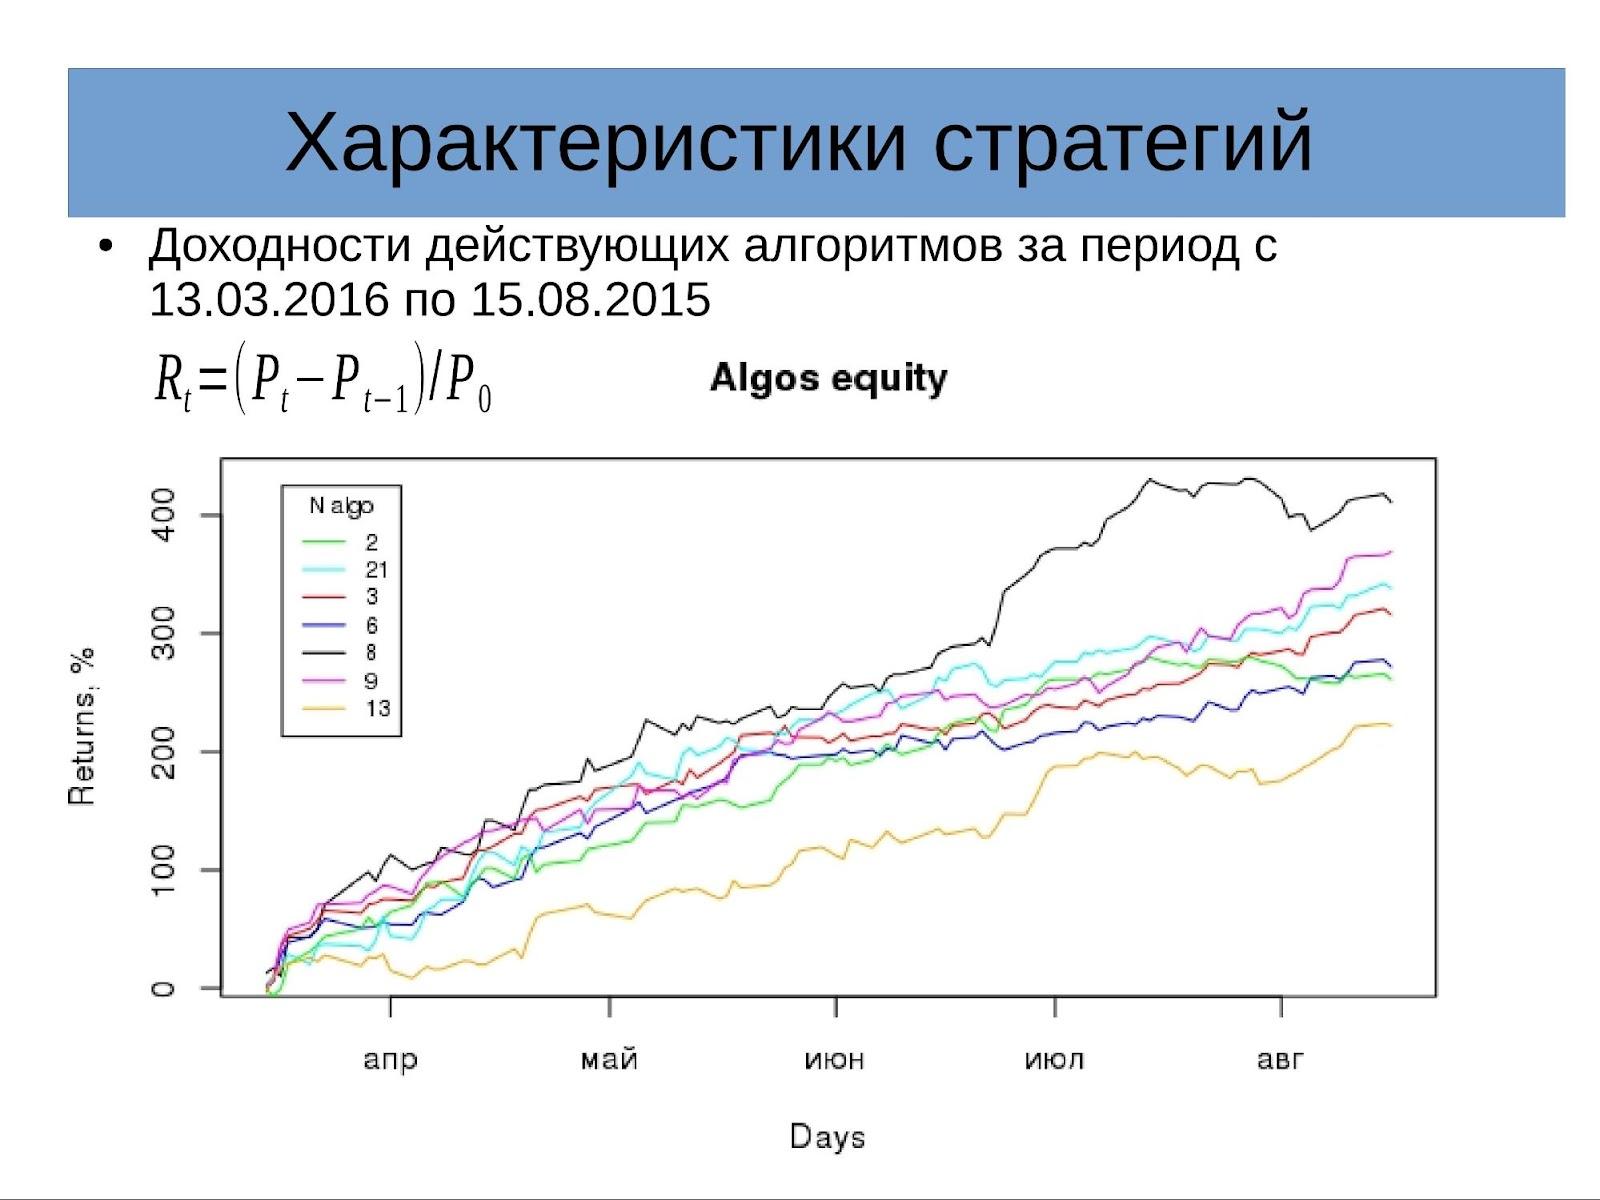 Доклад «Оптимизация портфеля алгоритмических стратегий» на конфе смартлаба 24.09.16